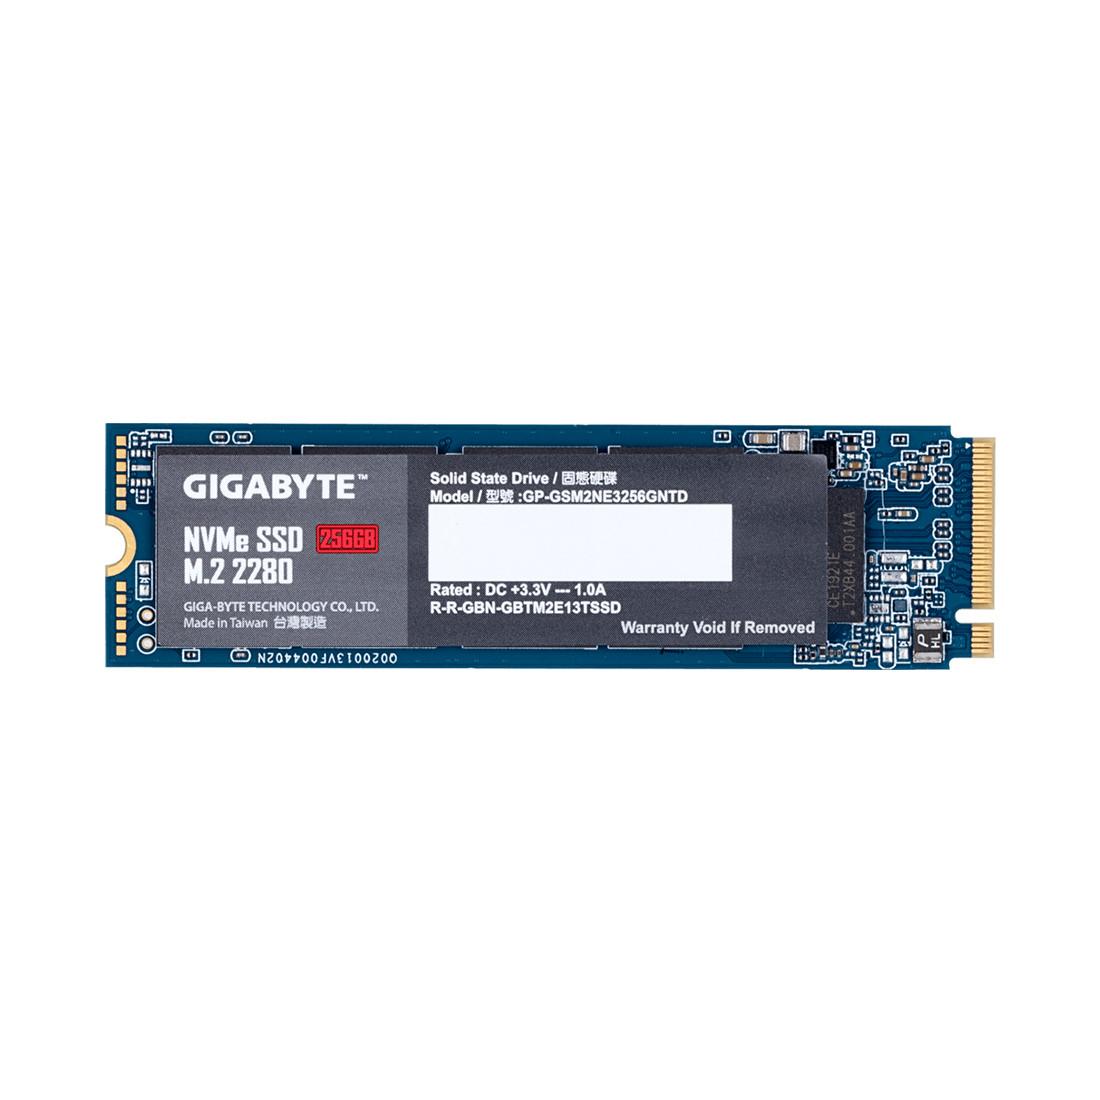 Твердотельный накопитель внутренний Gigabyte GP-GSM2NE3256GNTD 256GB M.2 PCI-E 3.0x4